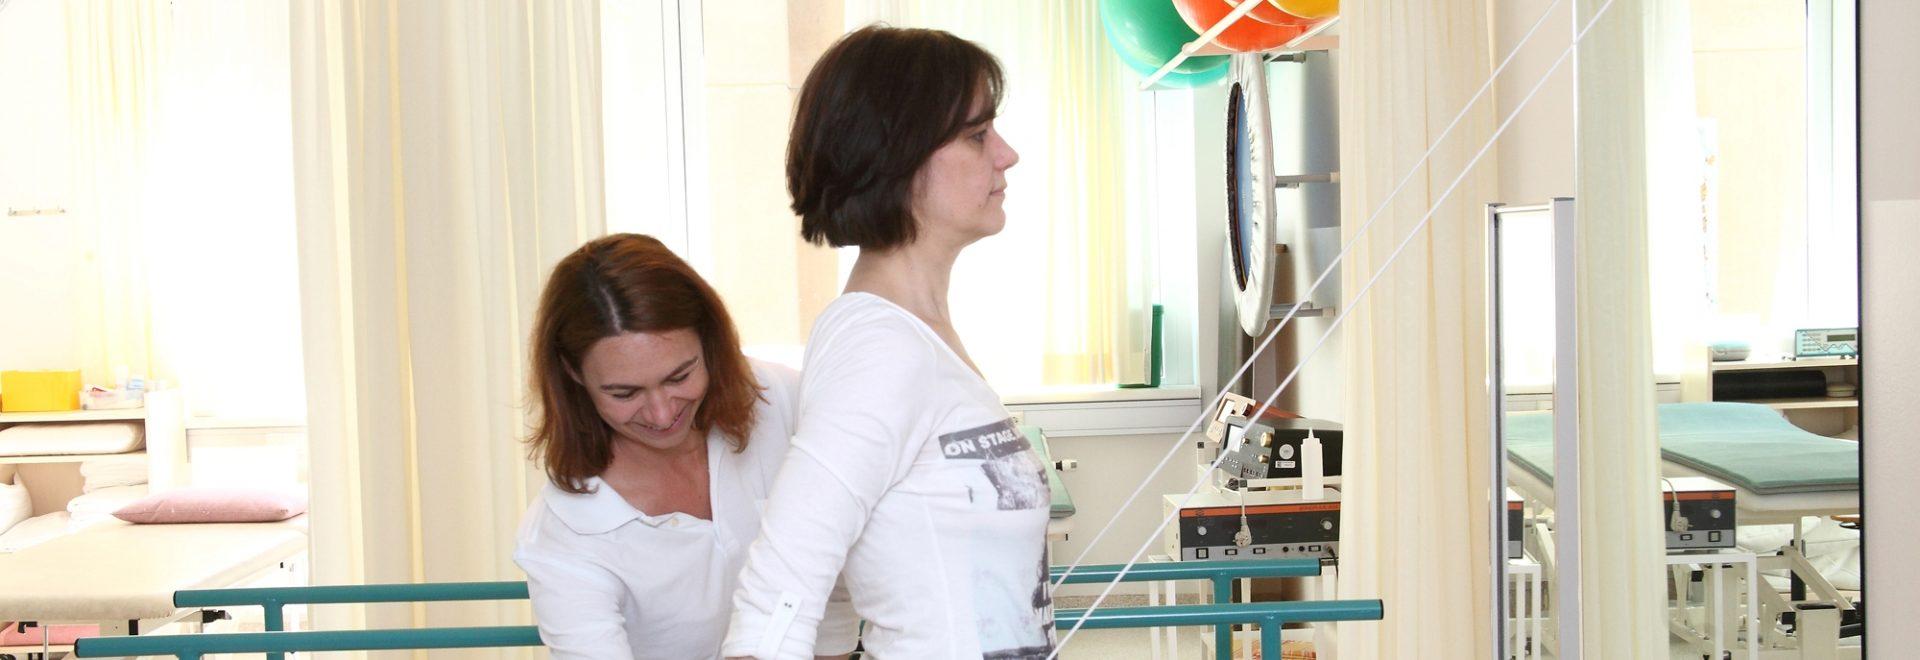 Medicină Osteopatică, Fizioterapie